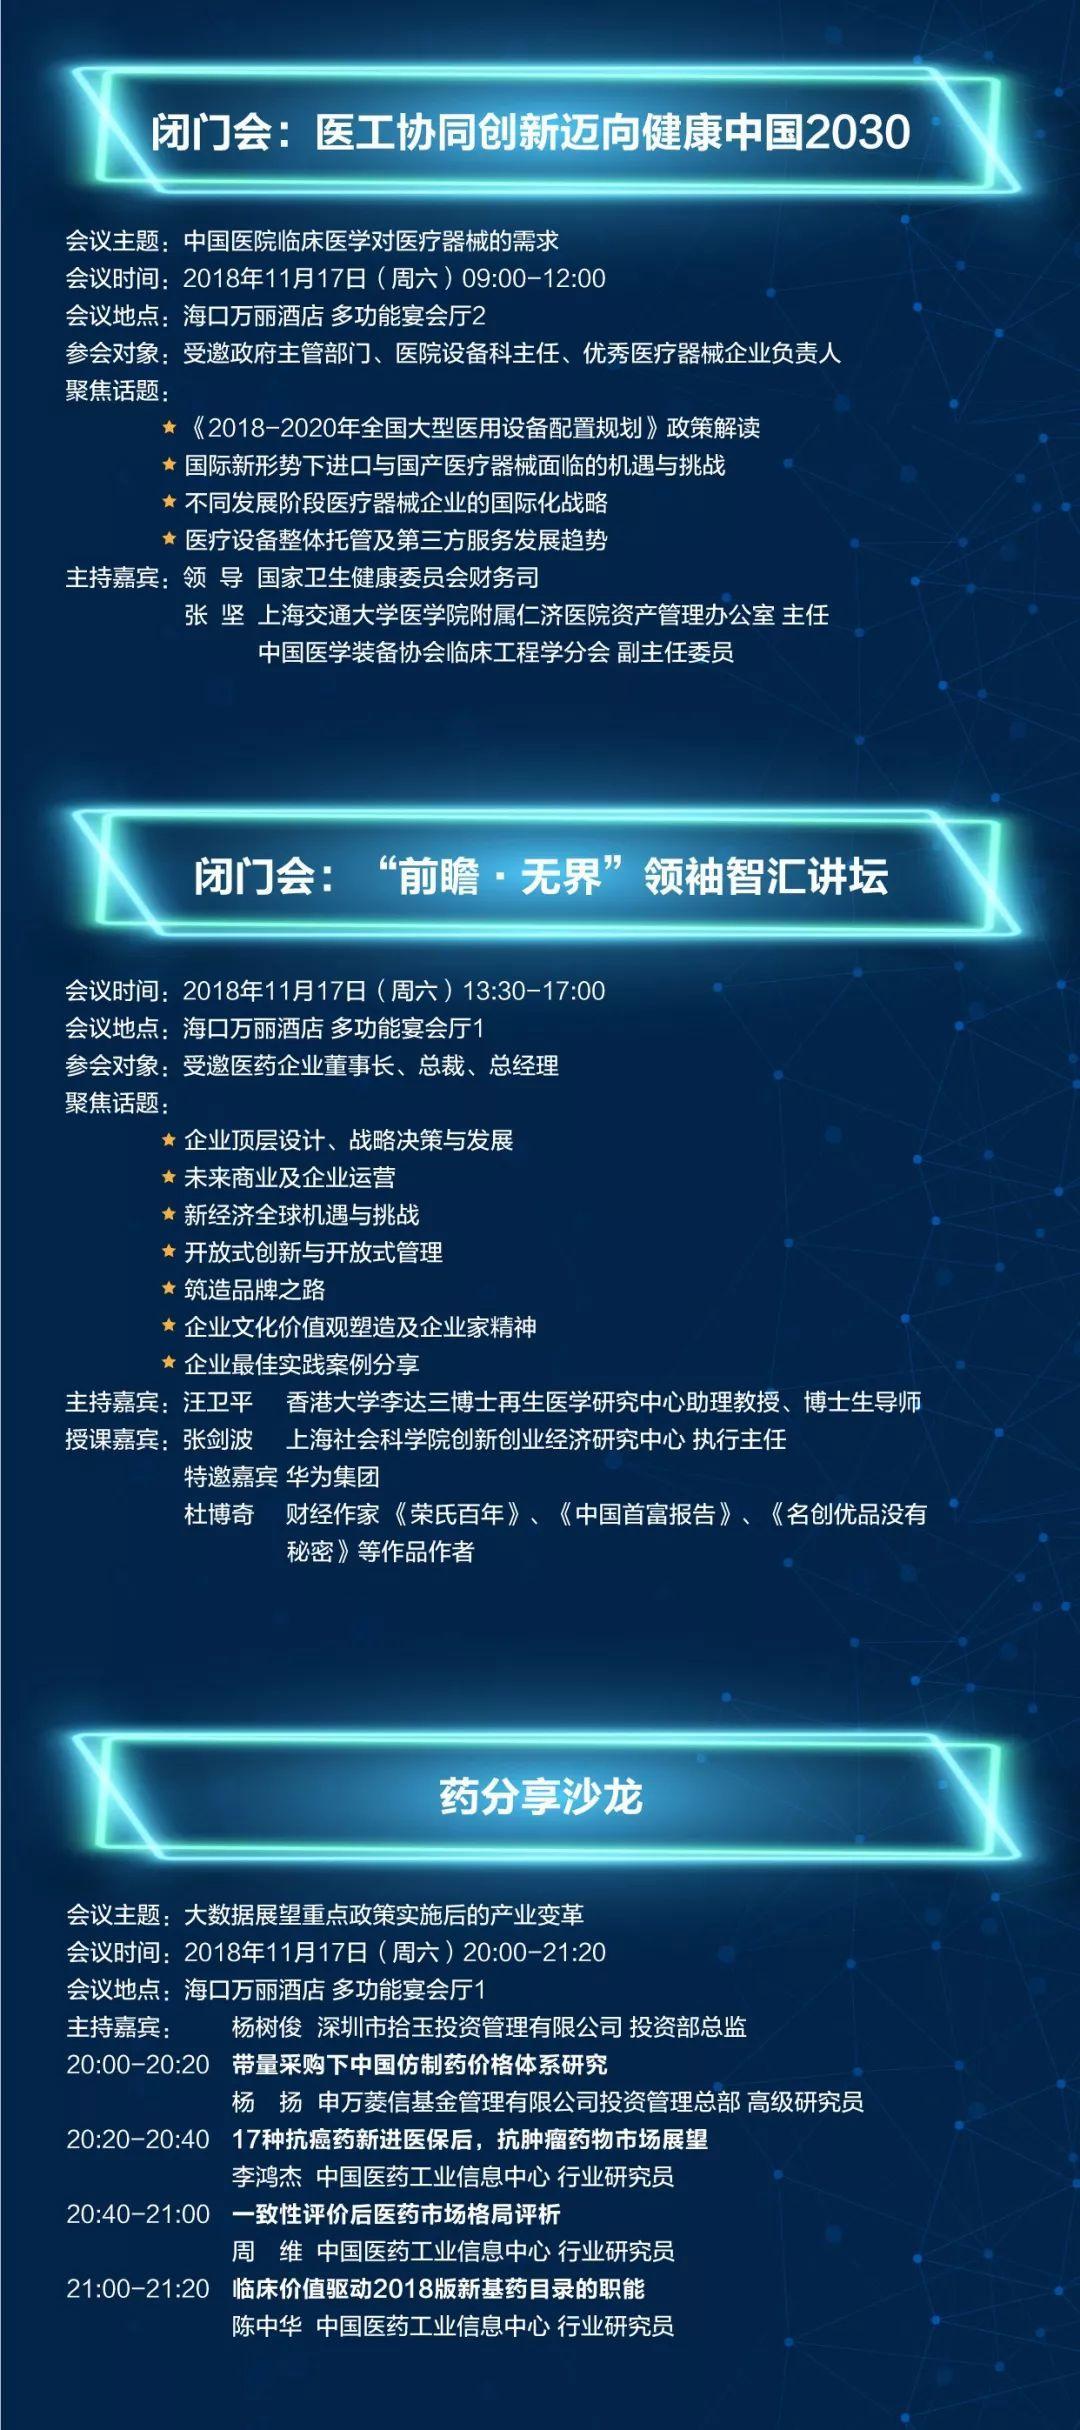 明天召开!2018年(第11届)中国医药战略大会邀您关注!